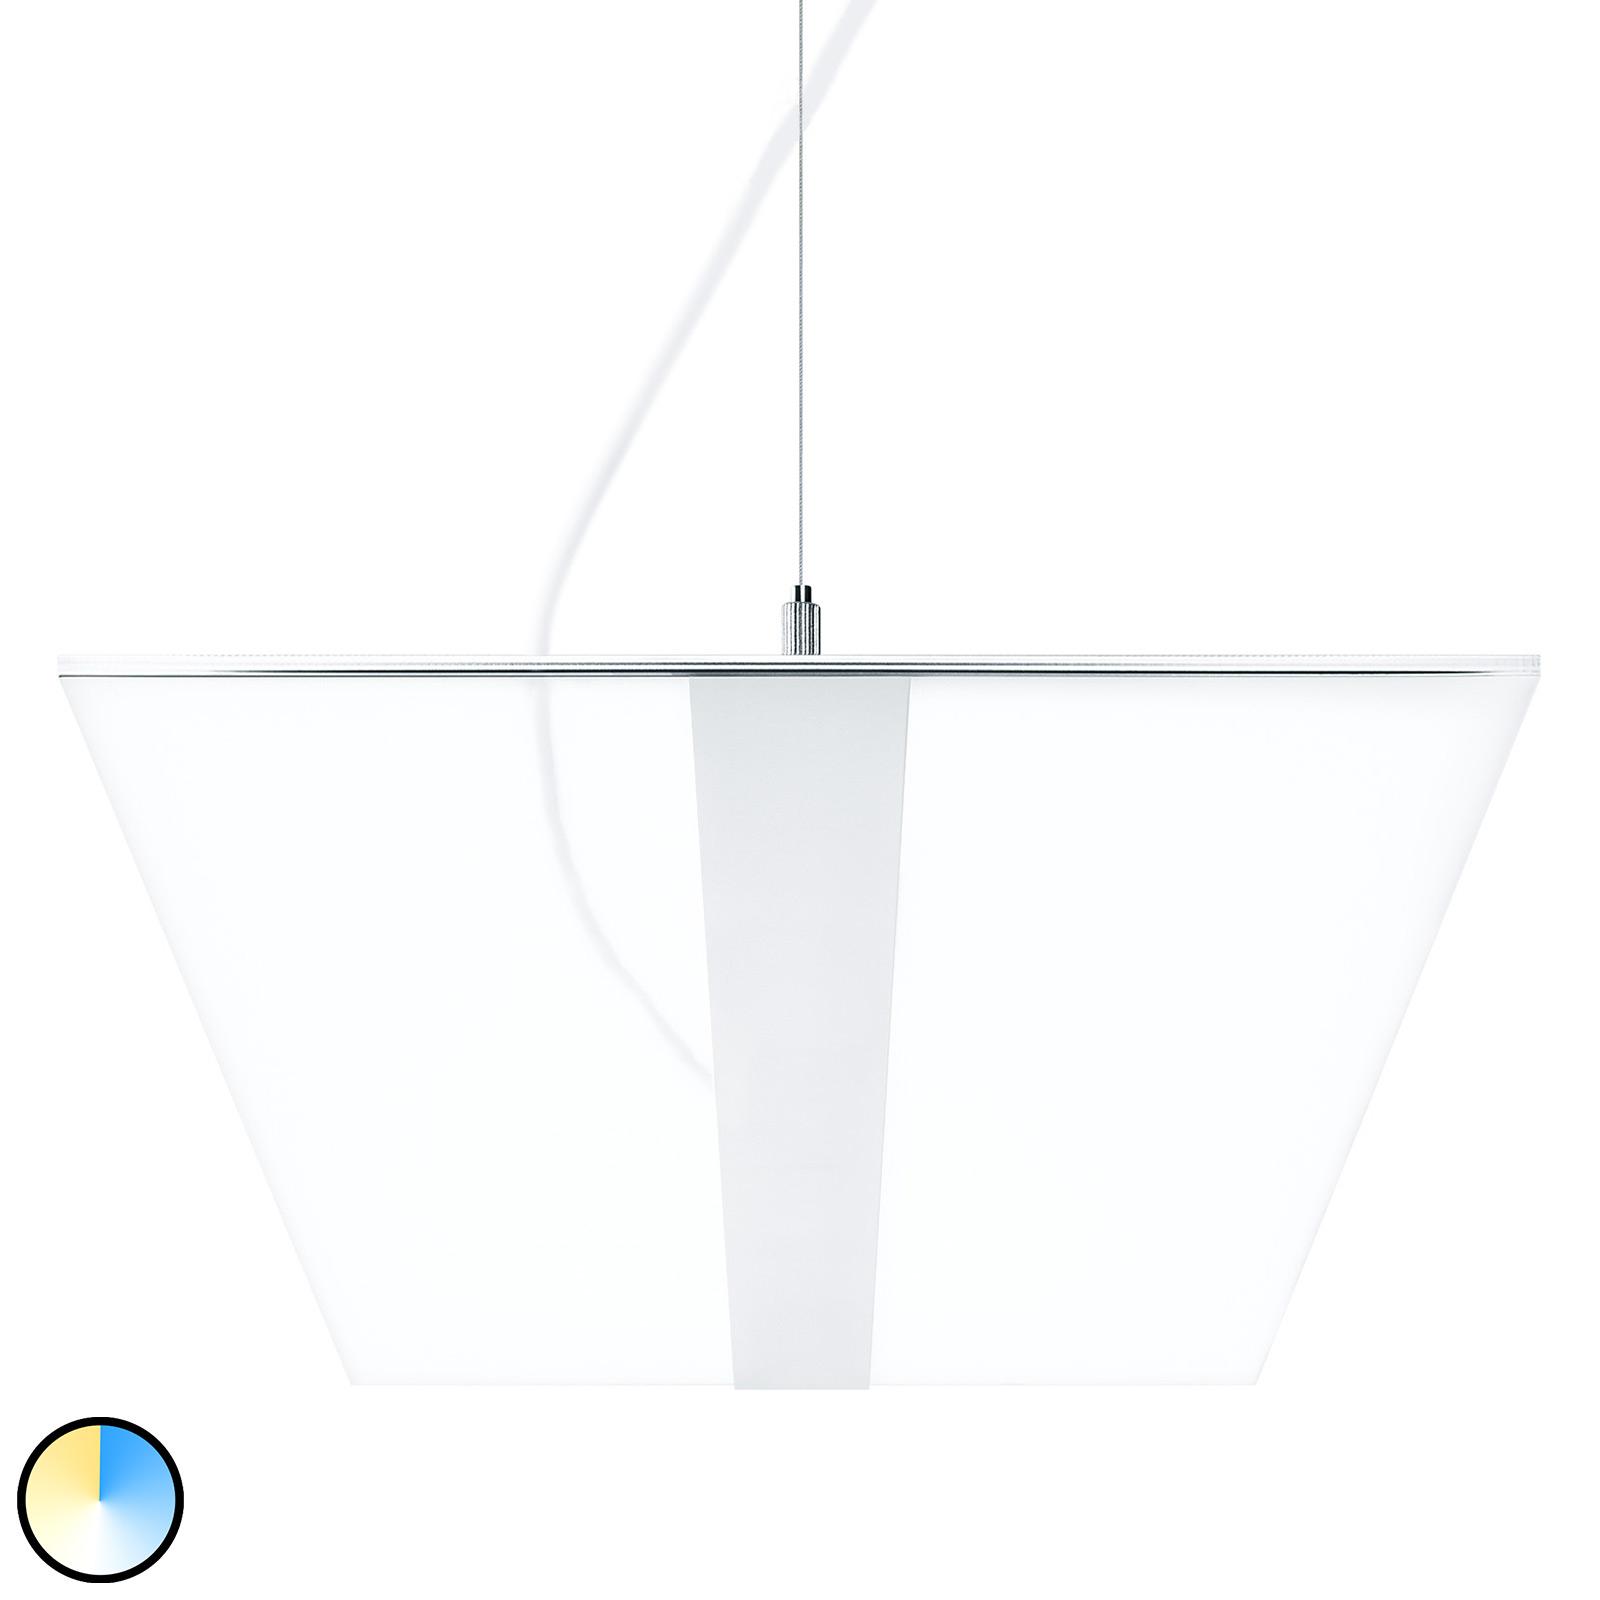 Zumtobel Vaero LED-Hängeleuchte 2700-6500K weiß